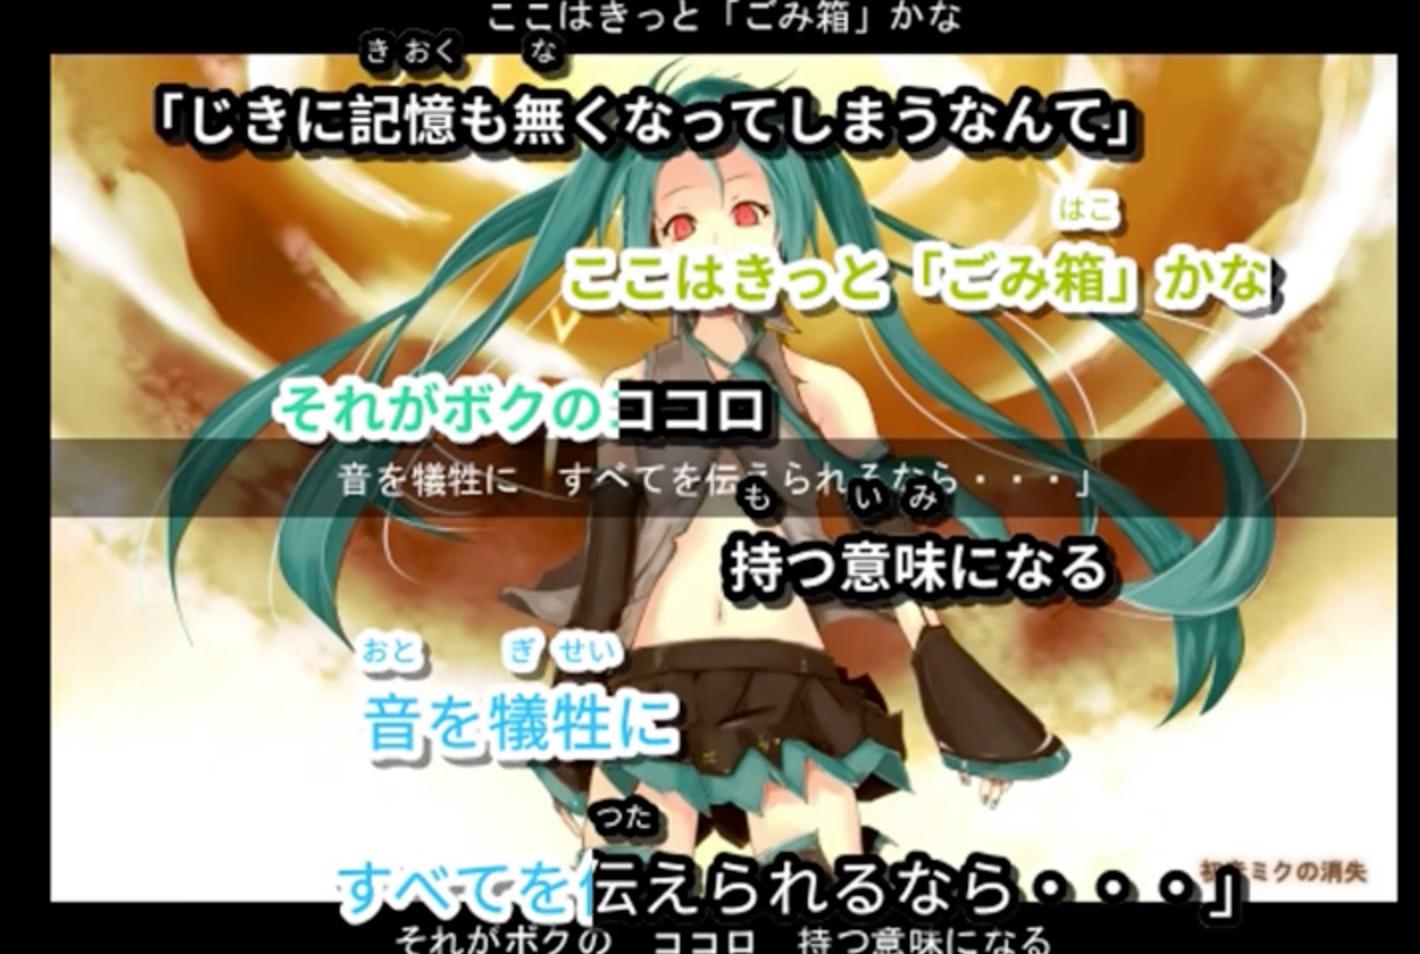 Karaoke: Hatsune Miku no Boushou